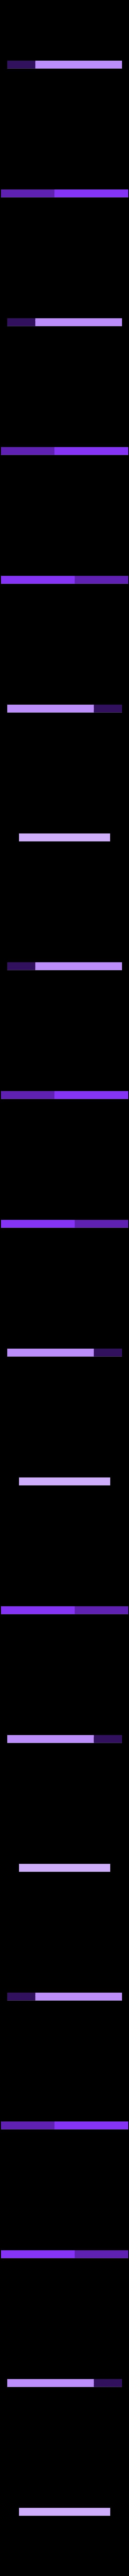 M5_test_plate.STL Télécharger fichier STL gratuit Test CAPTIVE NUTS • Design imprimable en 3D, daGHIZmo